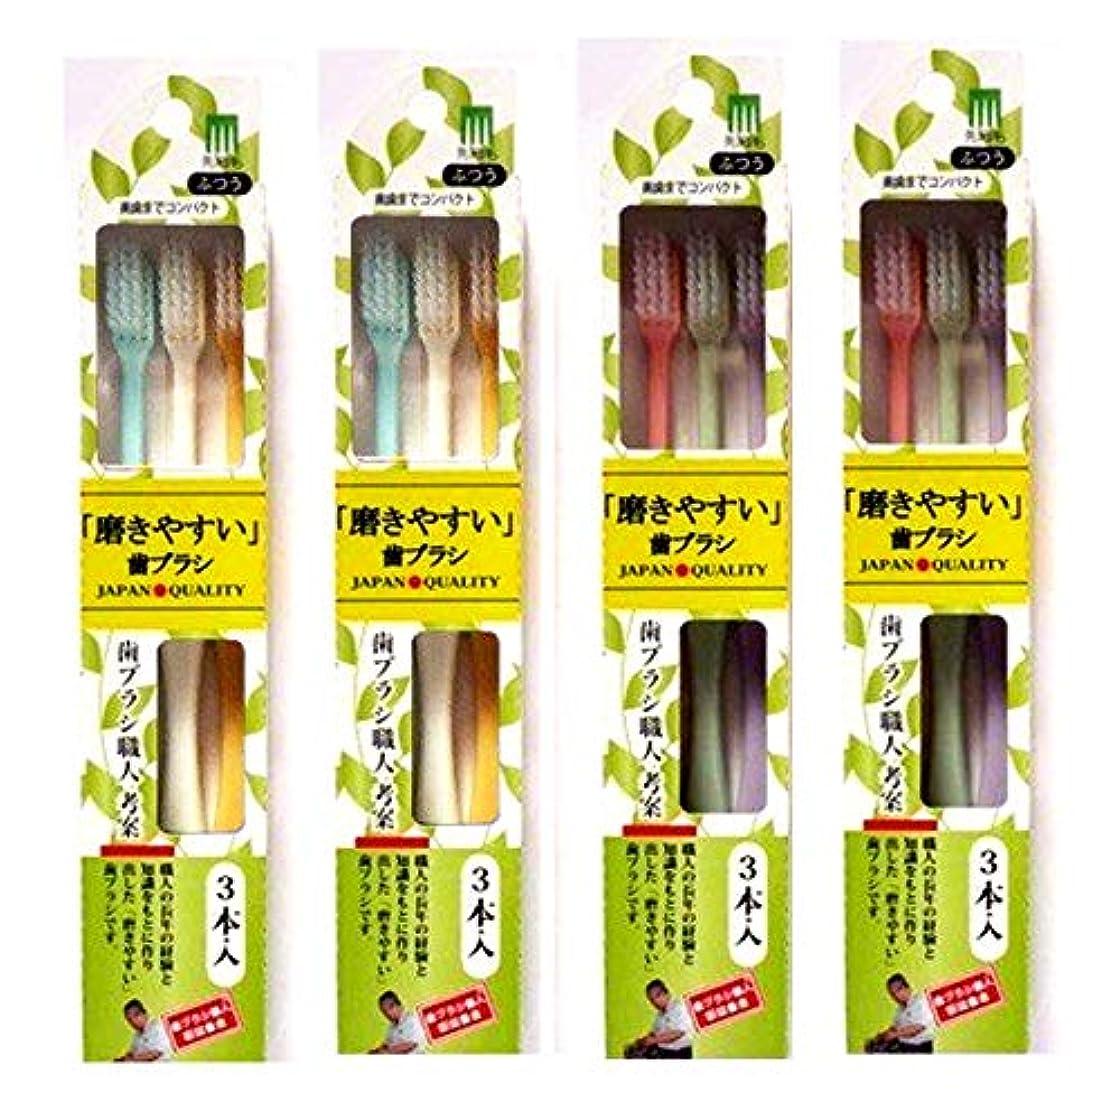 ミシンアーティファクト自伝磨きやすい歯ブラシ (先細毛) 奥までコンパクト ELT-1 (3本組×4個セット)